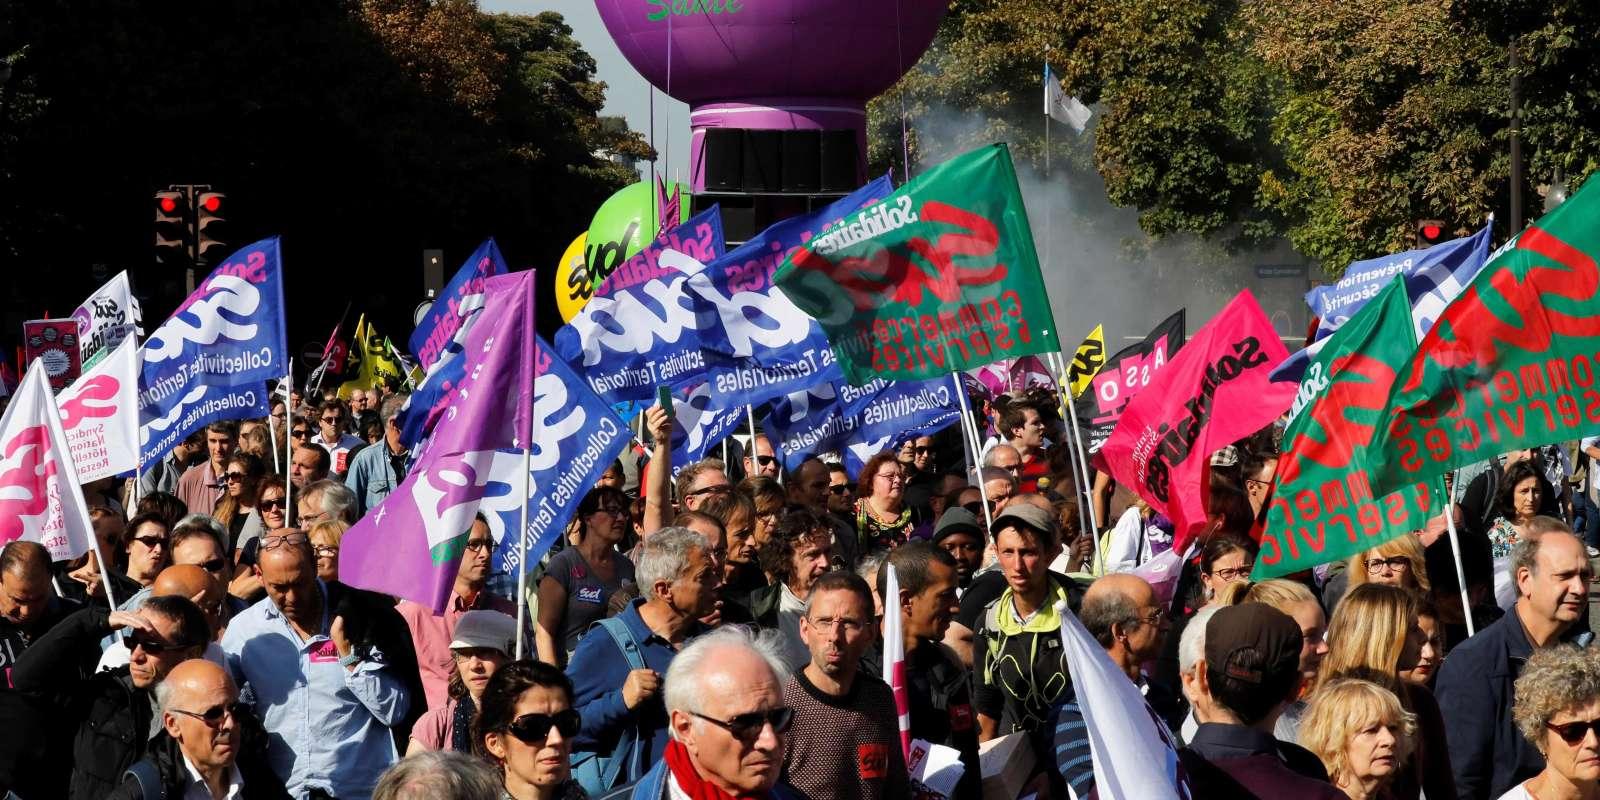 Plusieurs syndicats manifestent, jeudi 21 septembre à Paris, pour tenter d'infléchir la position du gouvernement sur sa réforme du code du travail.